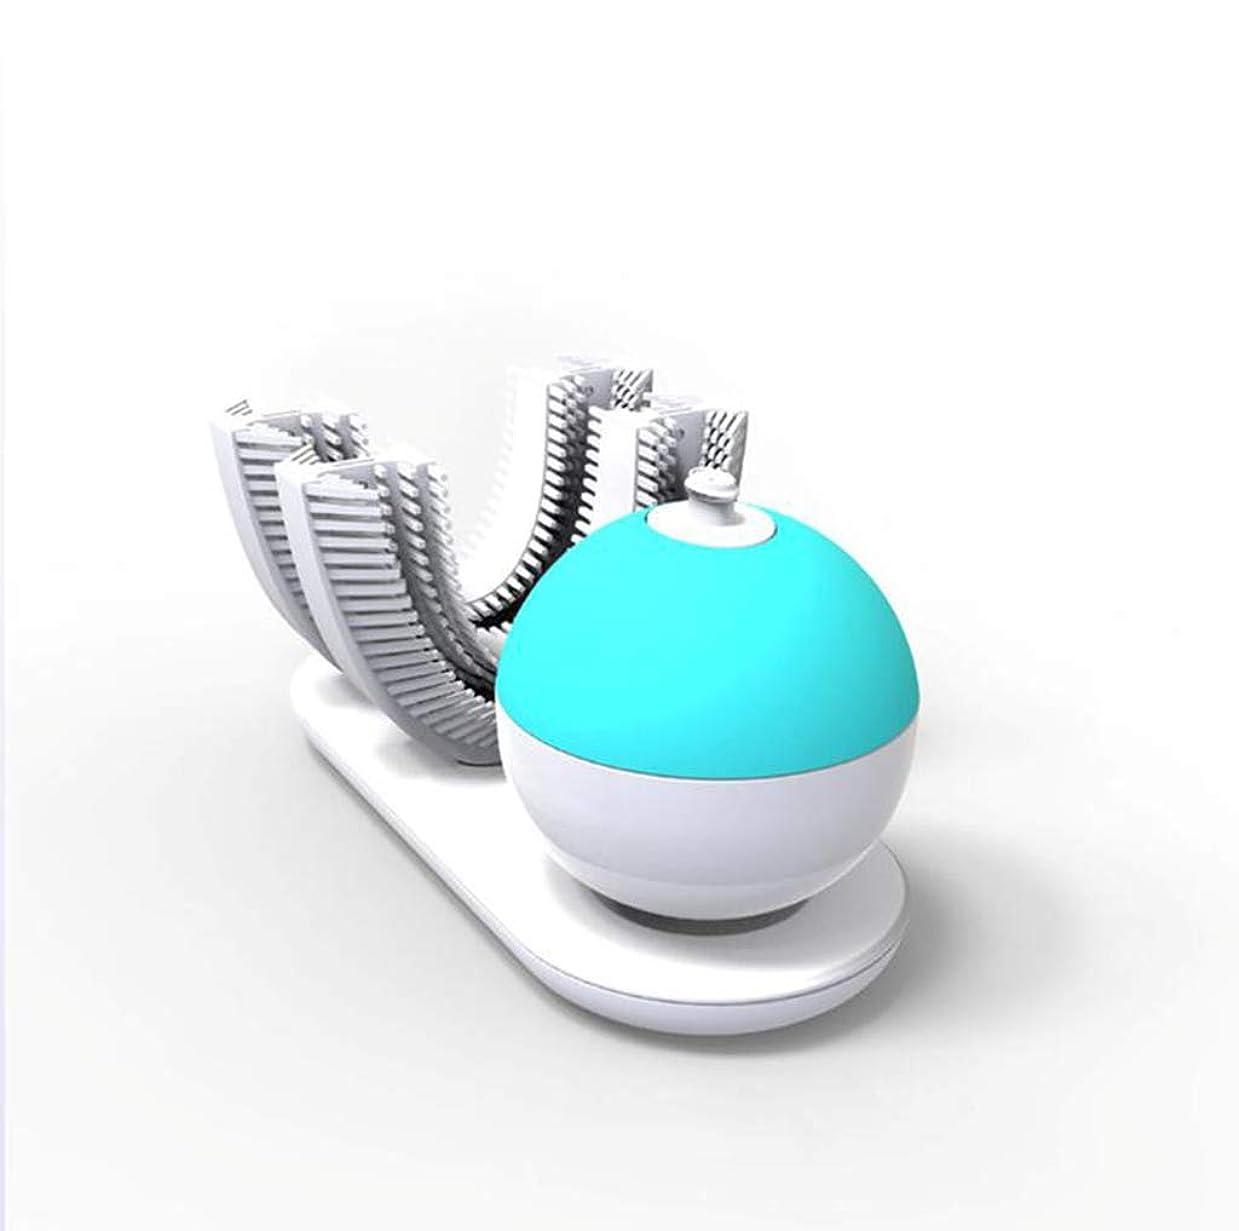 パッチ反逆者気絶させる360度自動歯ブラシ、電動歯ブラシ、ビジネスの人々に適したワイヤレス充電式